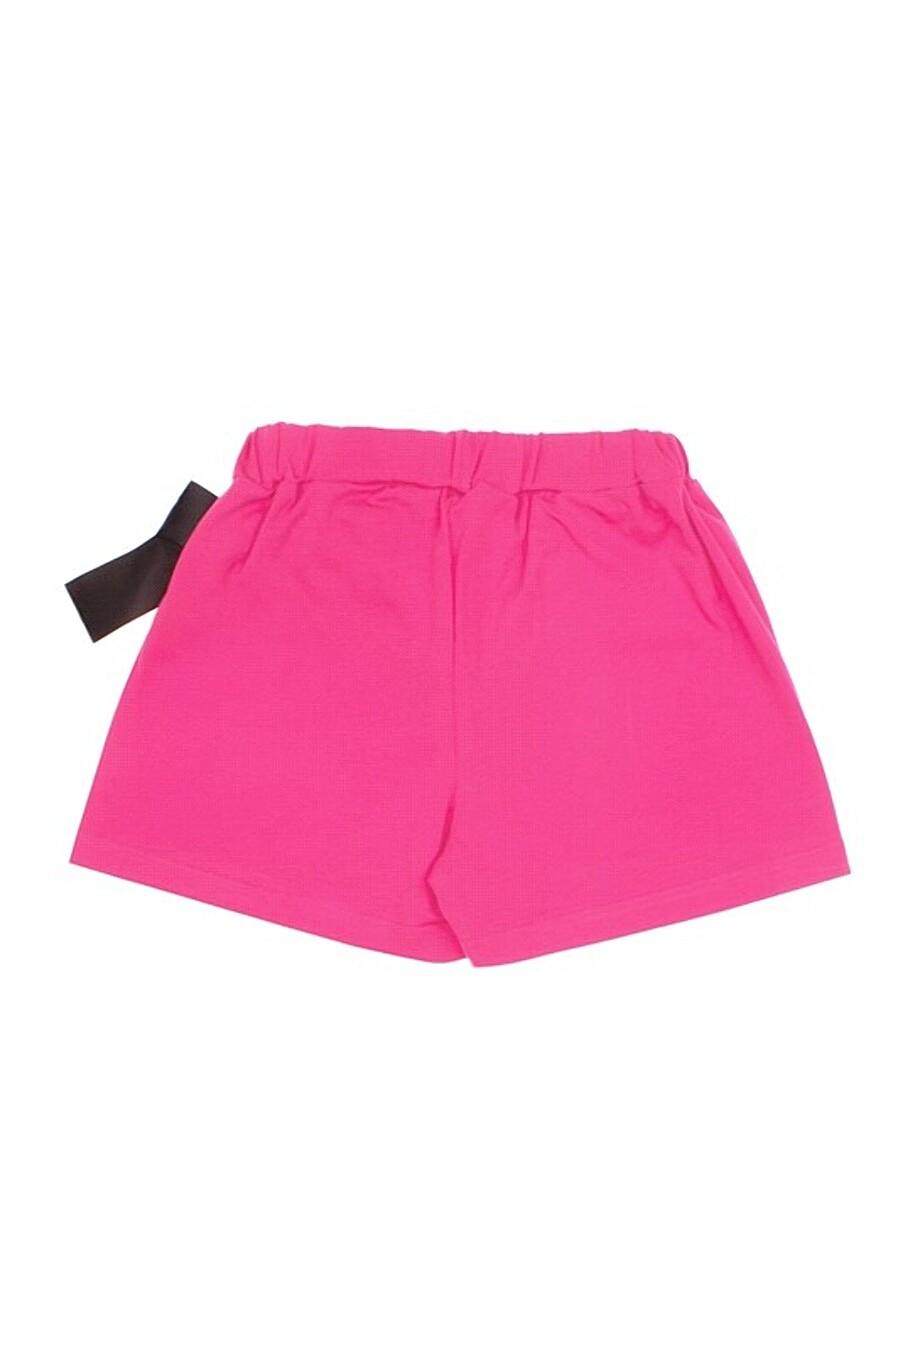 Шорты для девочек АПРЕЛЬ 219061 купить оптом от производителя. Совместная покупка детской одежды в OptMoyo